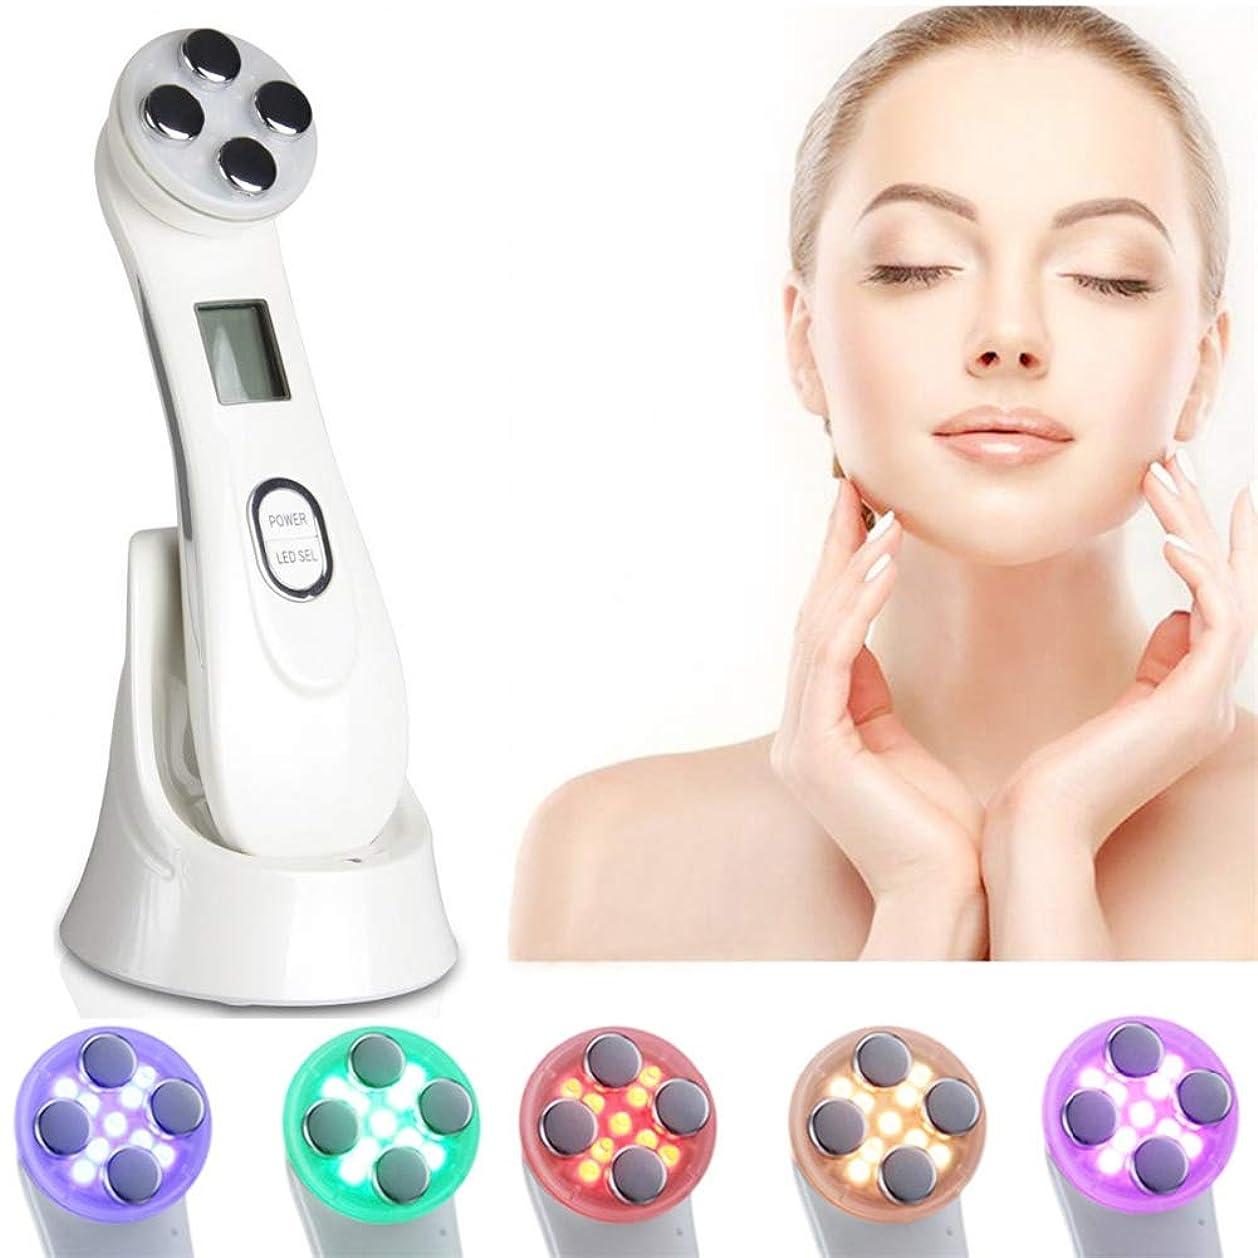 頬骨けがをするパッケージ引き締め美容機器6色LEDライトモード持ち上がる肌の若返りフェイスマッサージャーRF&EMSリンクルホワイトニングスキンケア器具(ホワイト)